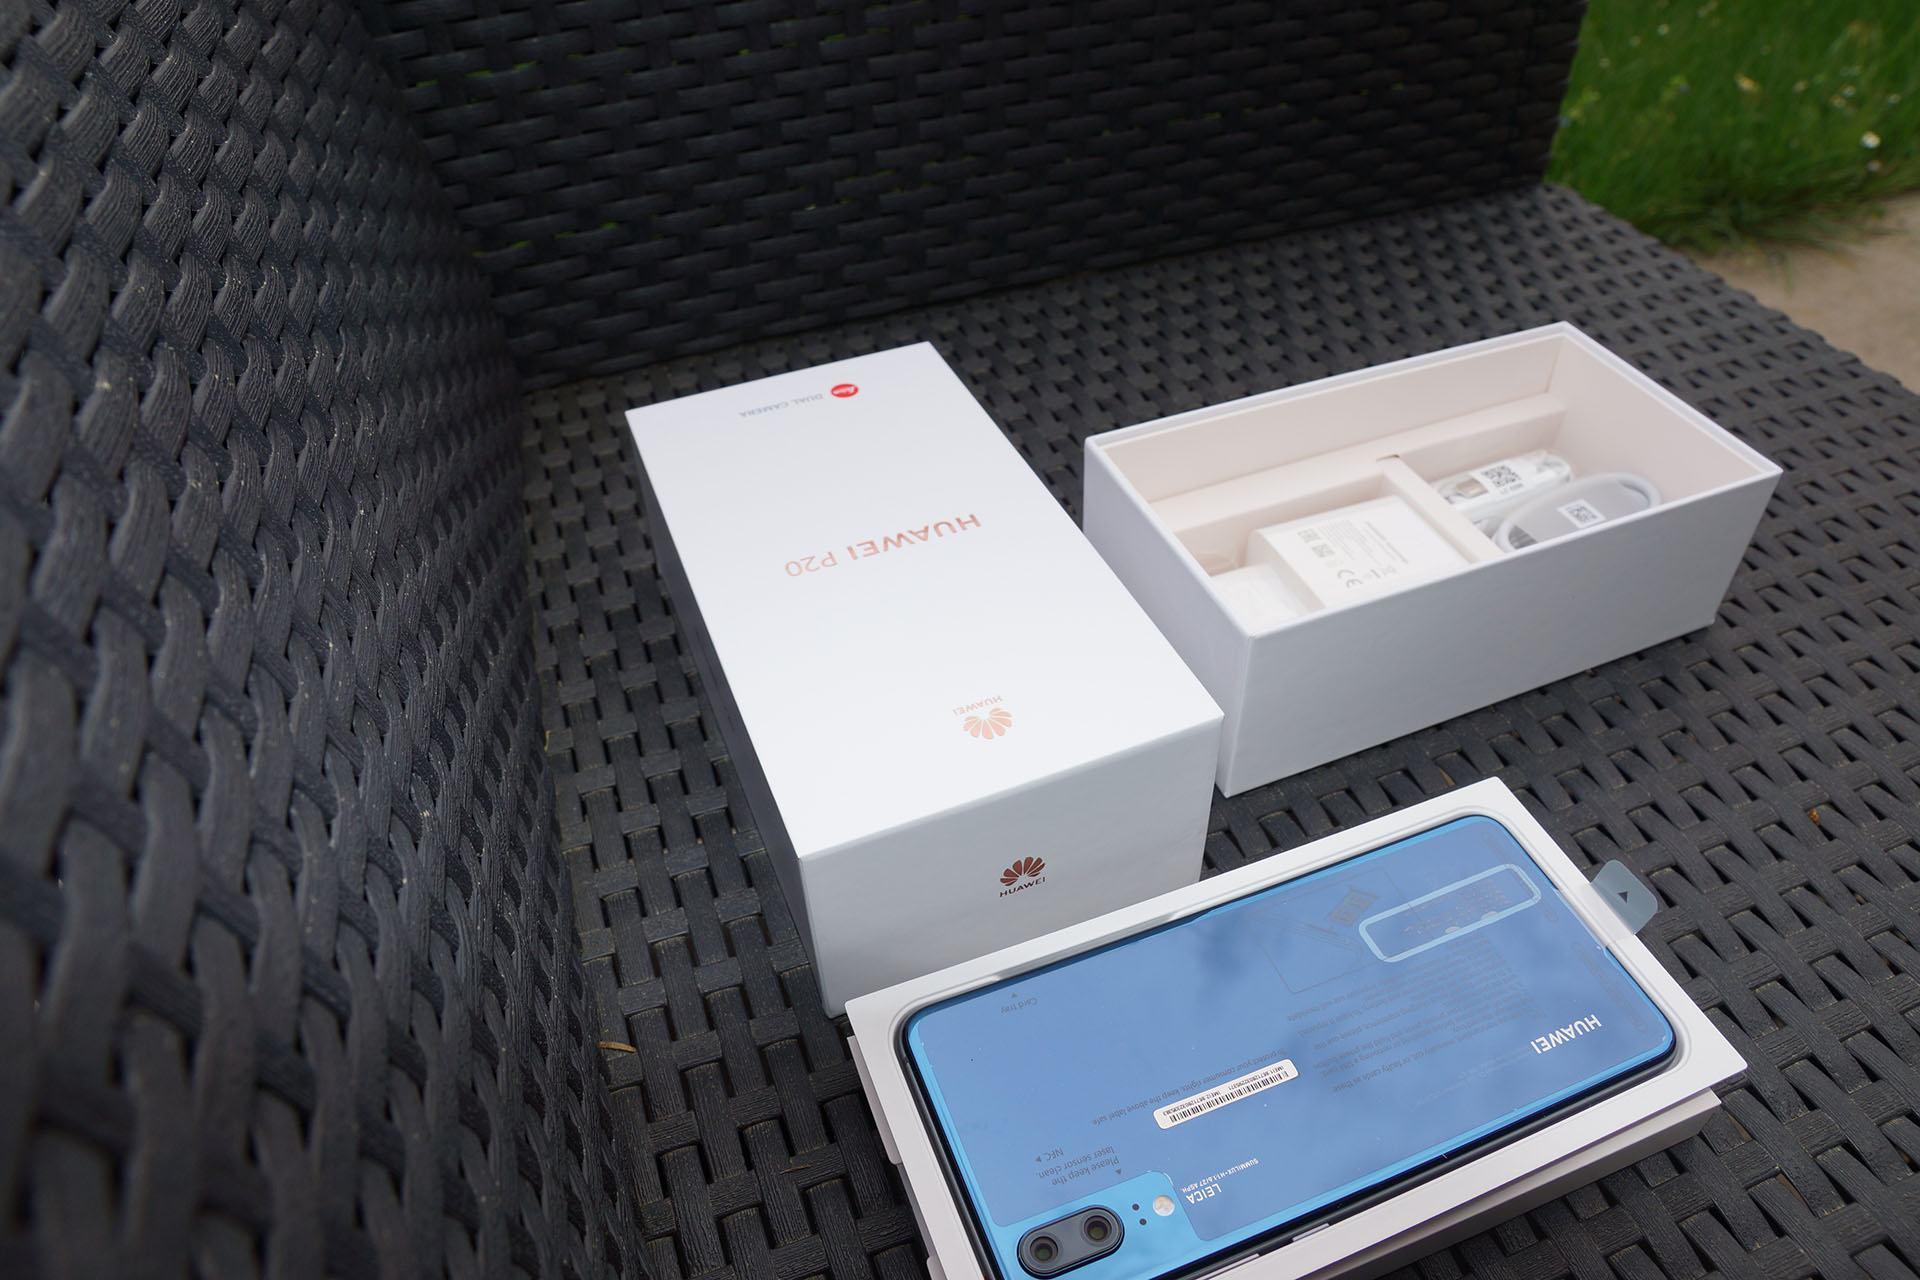 Huawei P20 zum Test eingetroffen, erste Bilder und Eindrücke 3